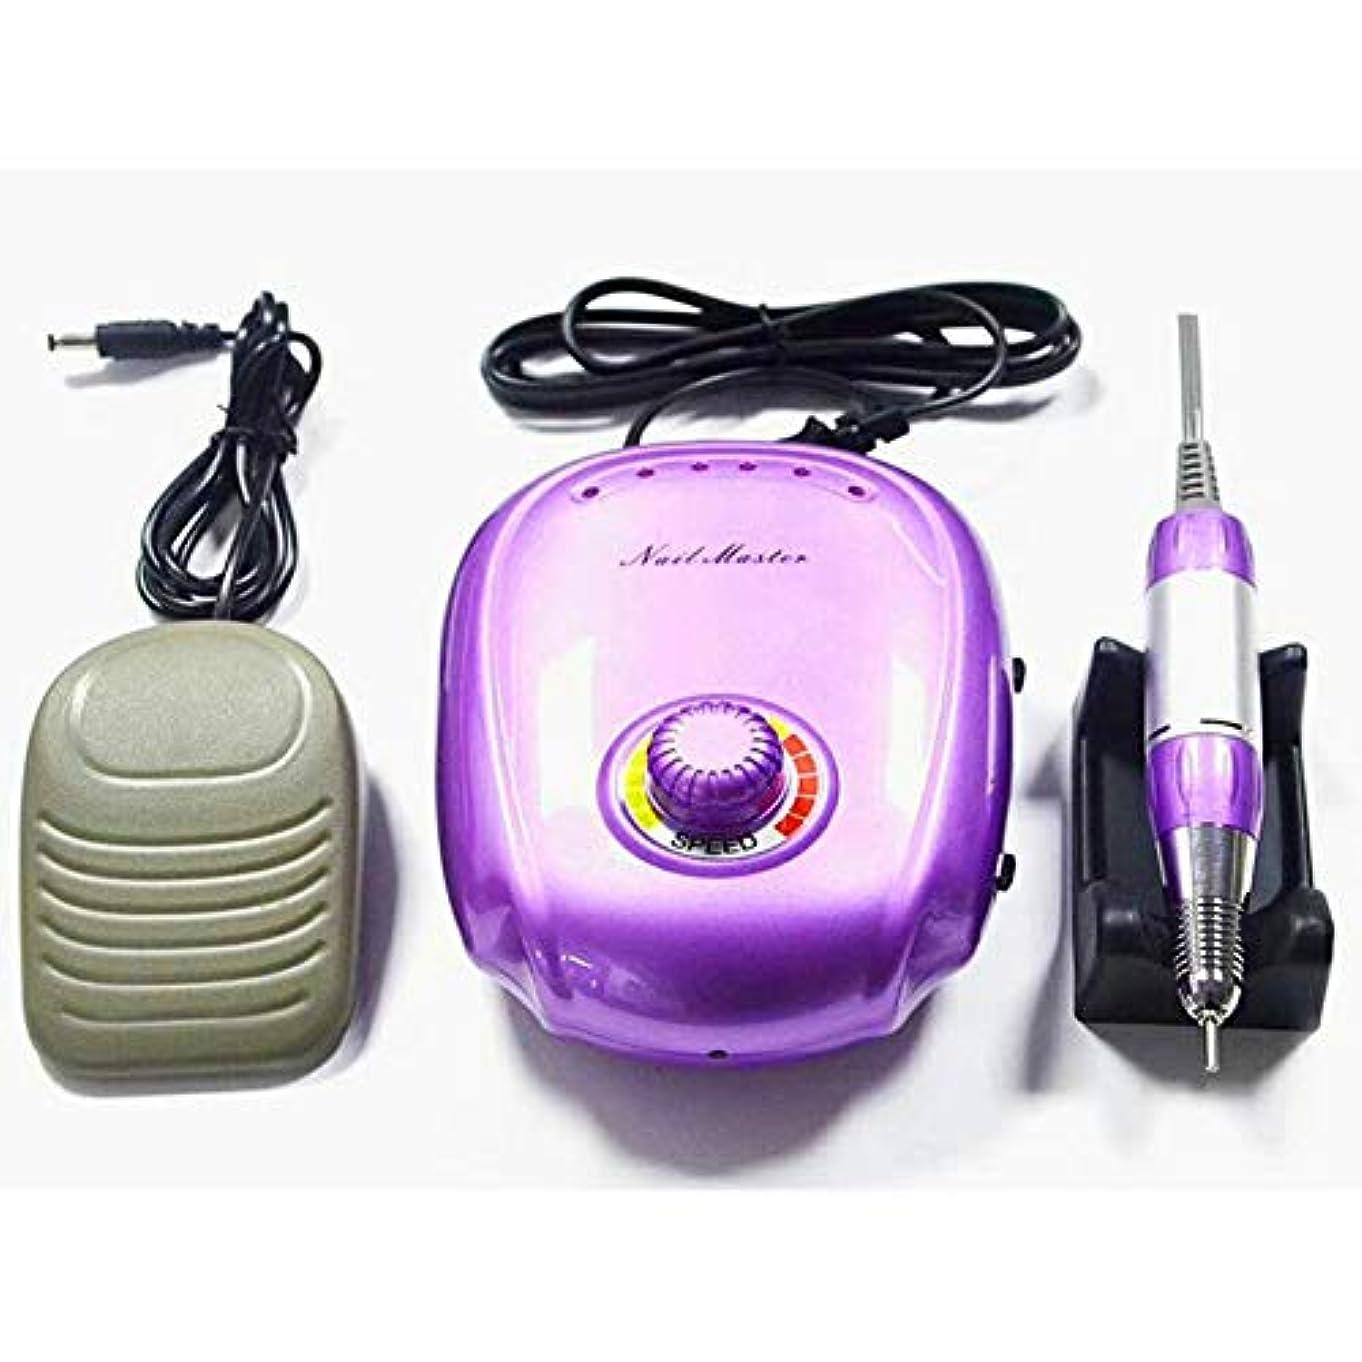 脚誘惑モーター電動ネイルドリル、アクリルジェル用充電式マニキュアドリルペディキュア研磨ツールネイルアートペディキュアファイルDIY用ネイル機器用ポリッシャー(35000 RPM),紫色